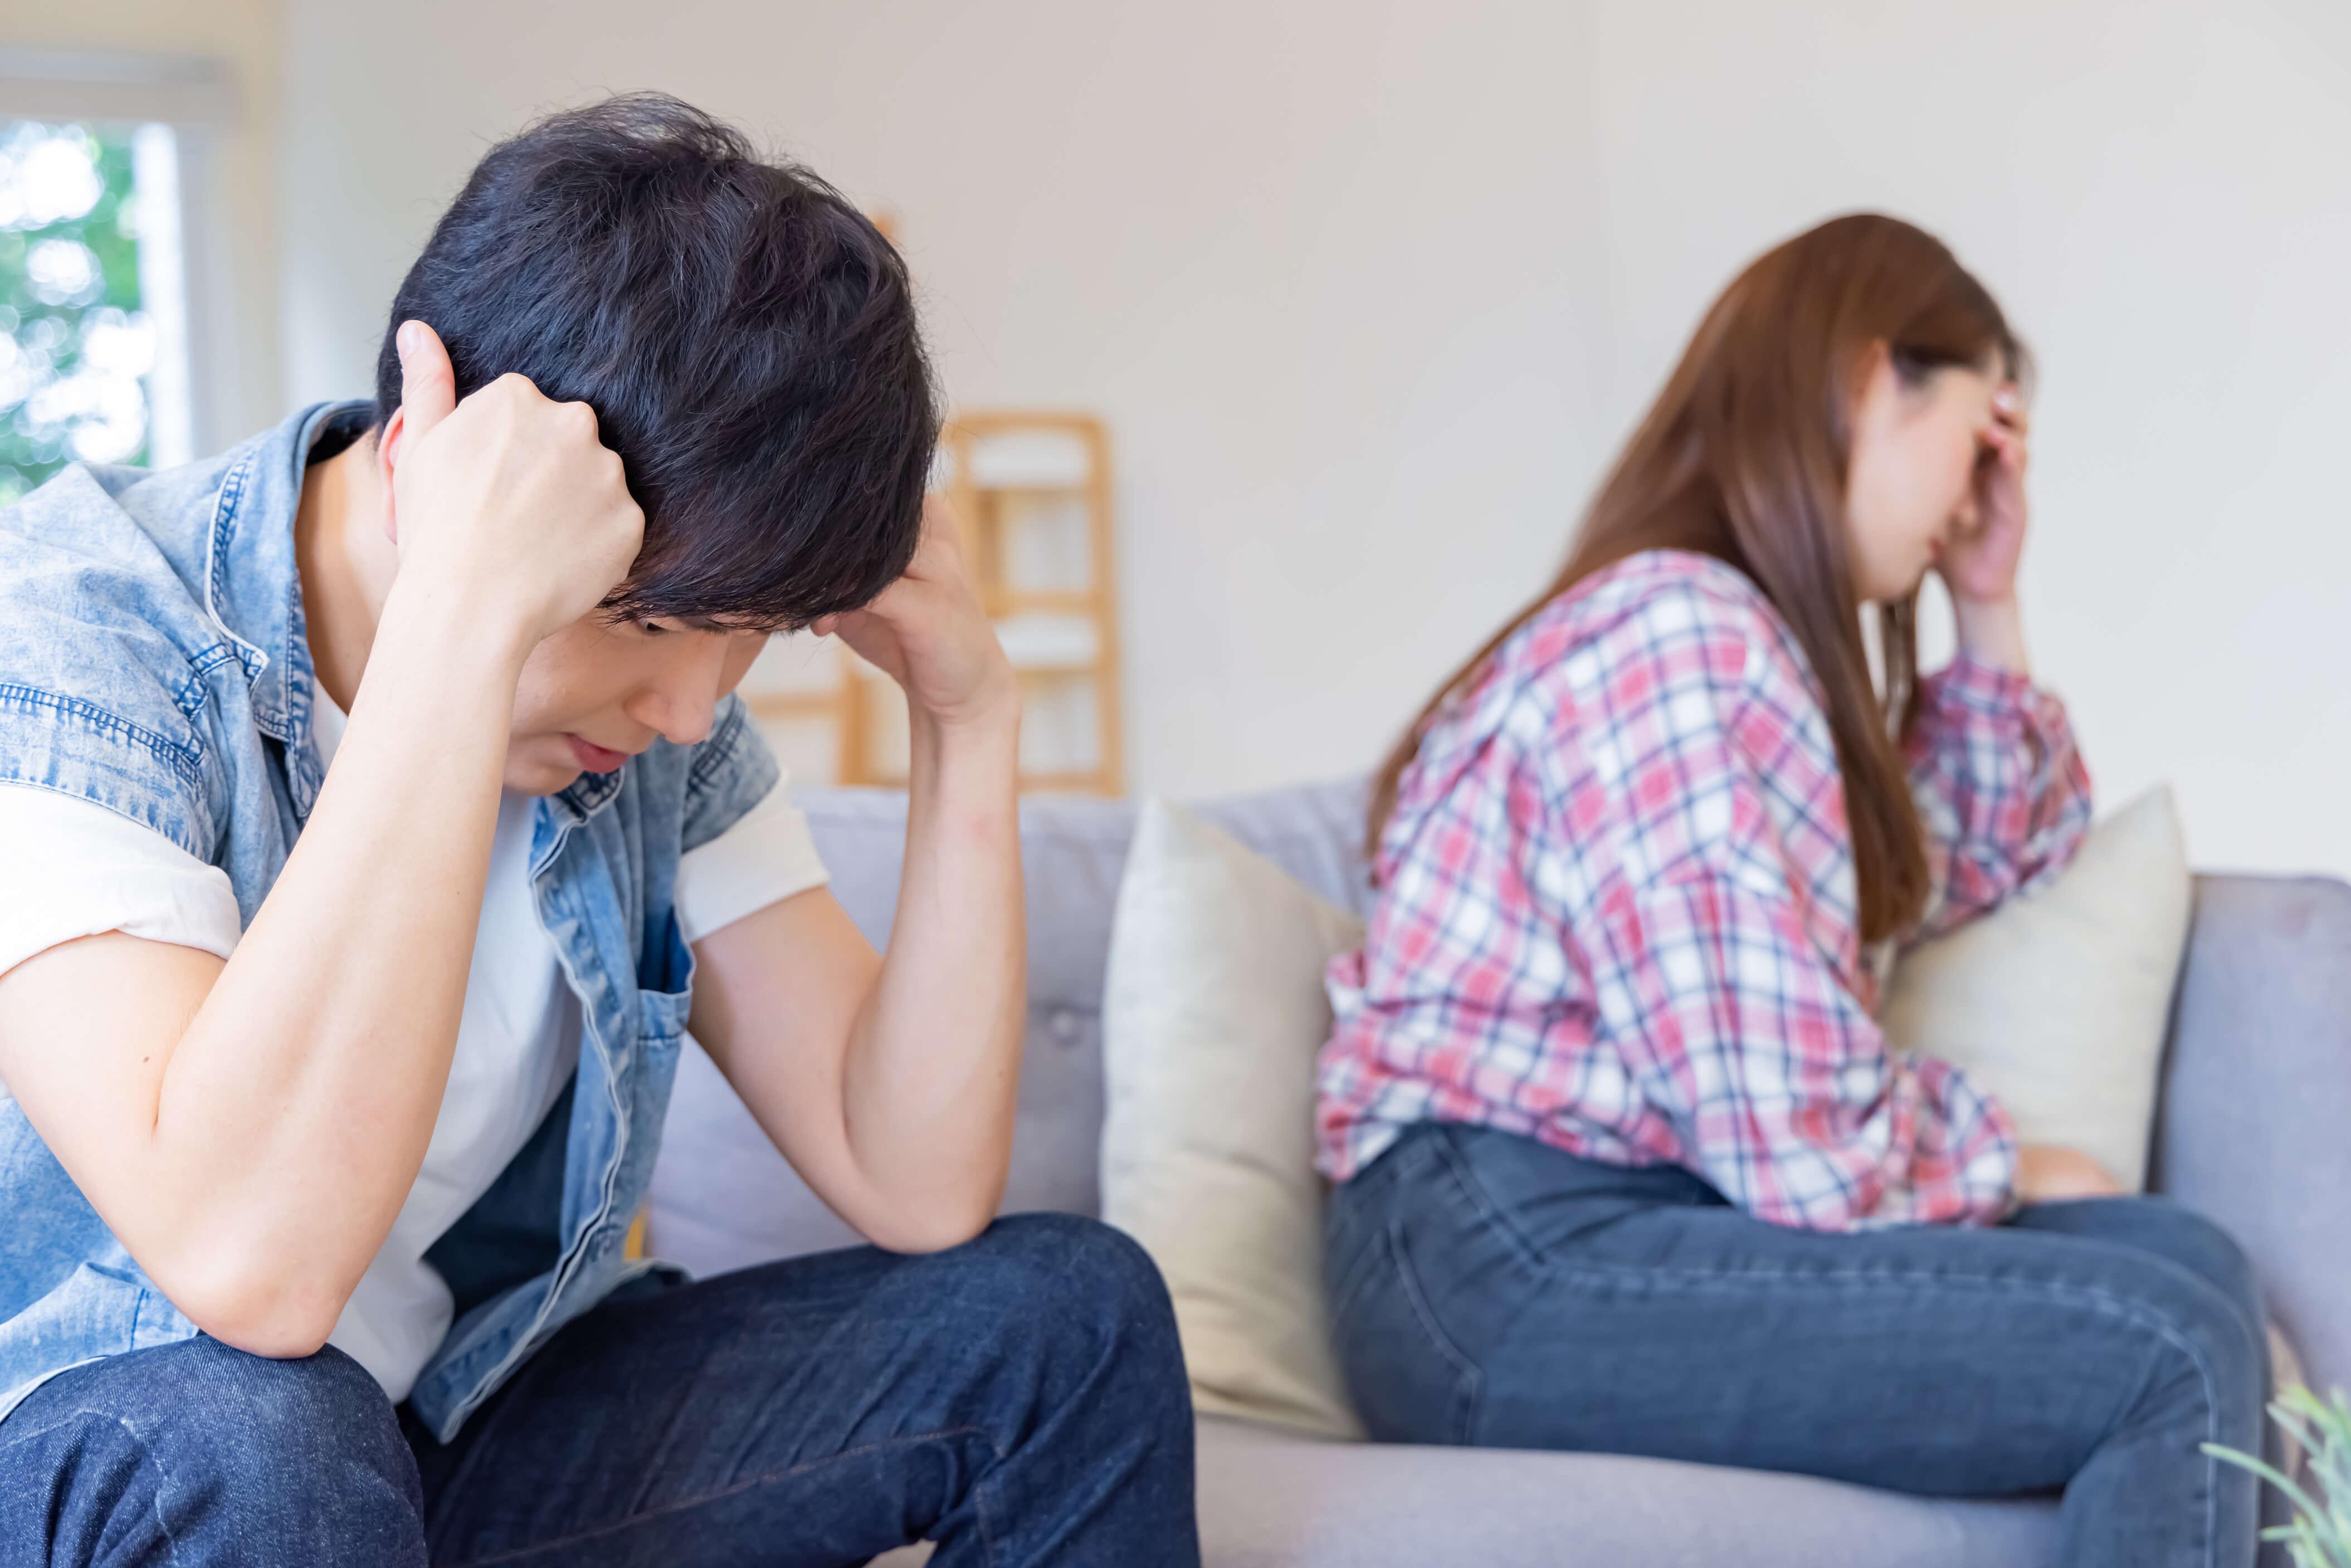 中古マンション購入に疲れる3つの原因とは?対策とセットで不動産のプロが解説!